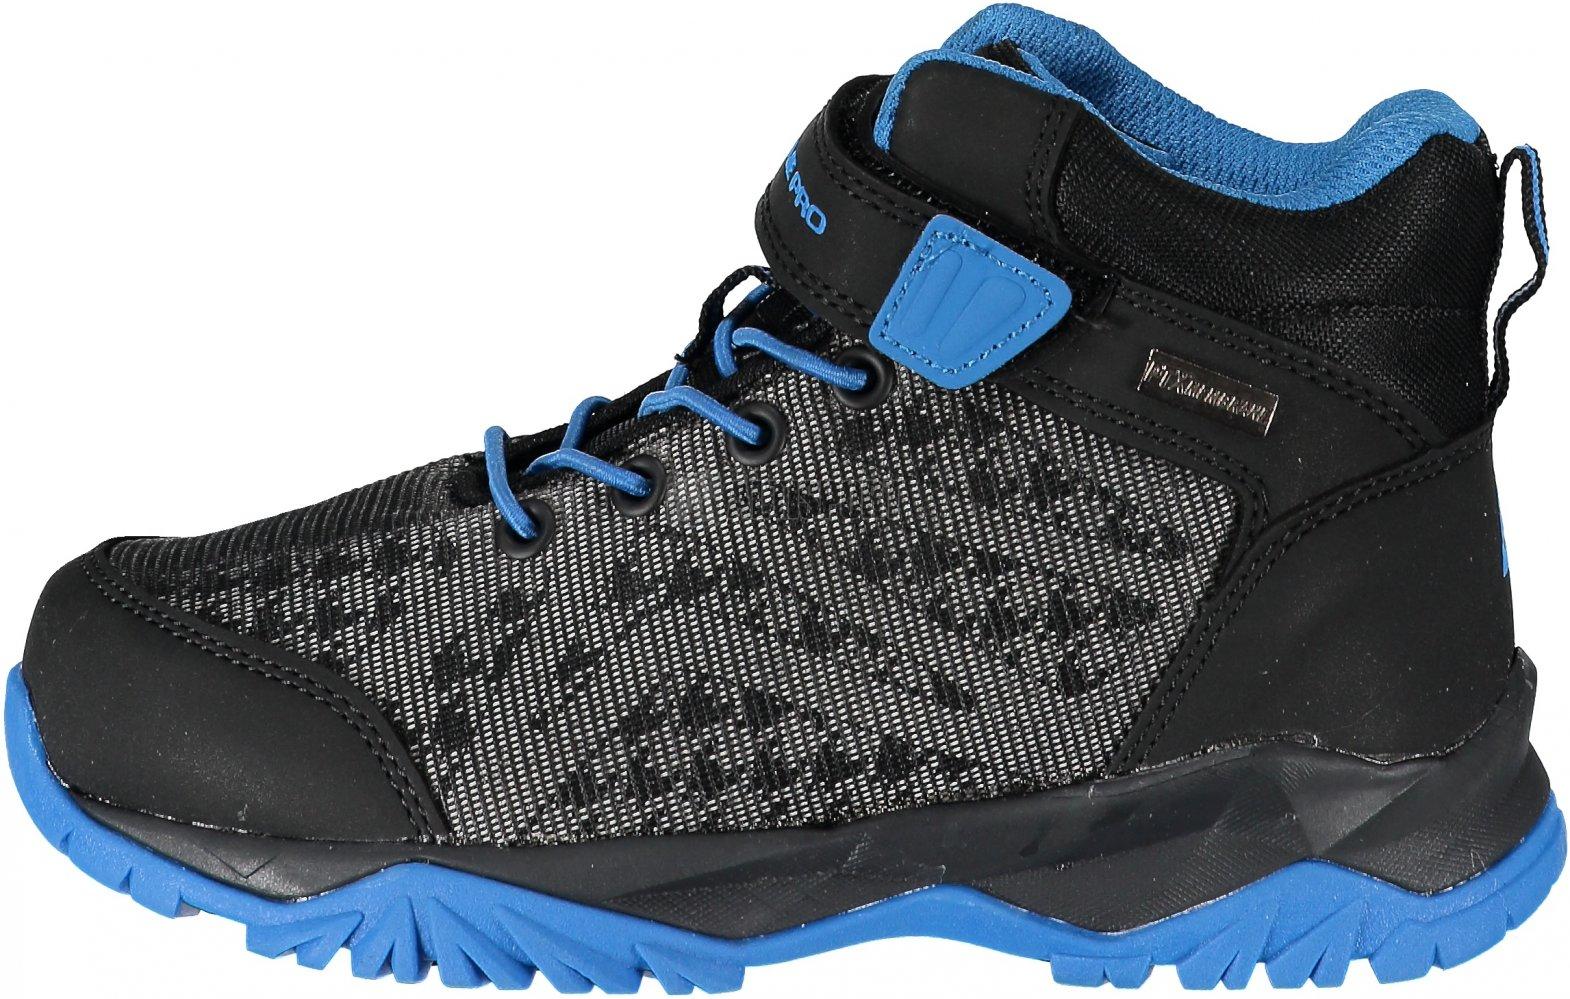 8f77c8a221f98 Dětská turistická obuv ALPINE PRO UGO KBTM171 MODRÁ velikost: 28 ...